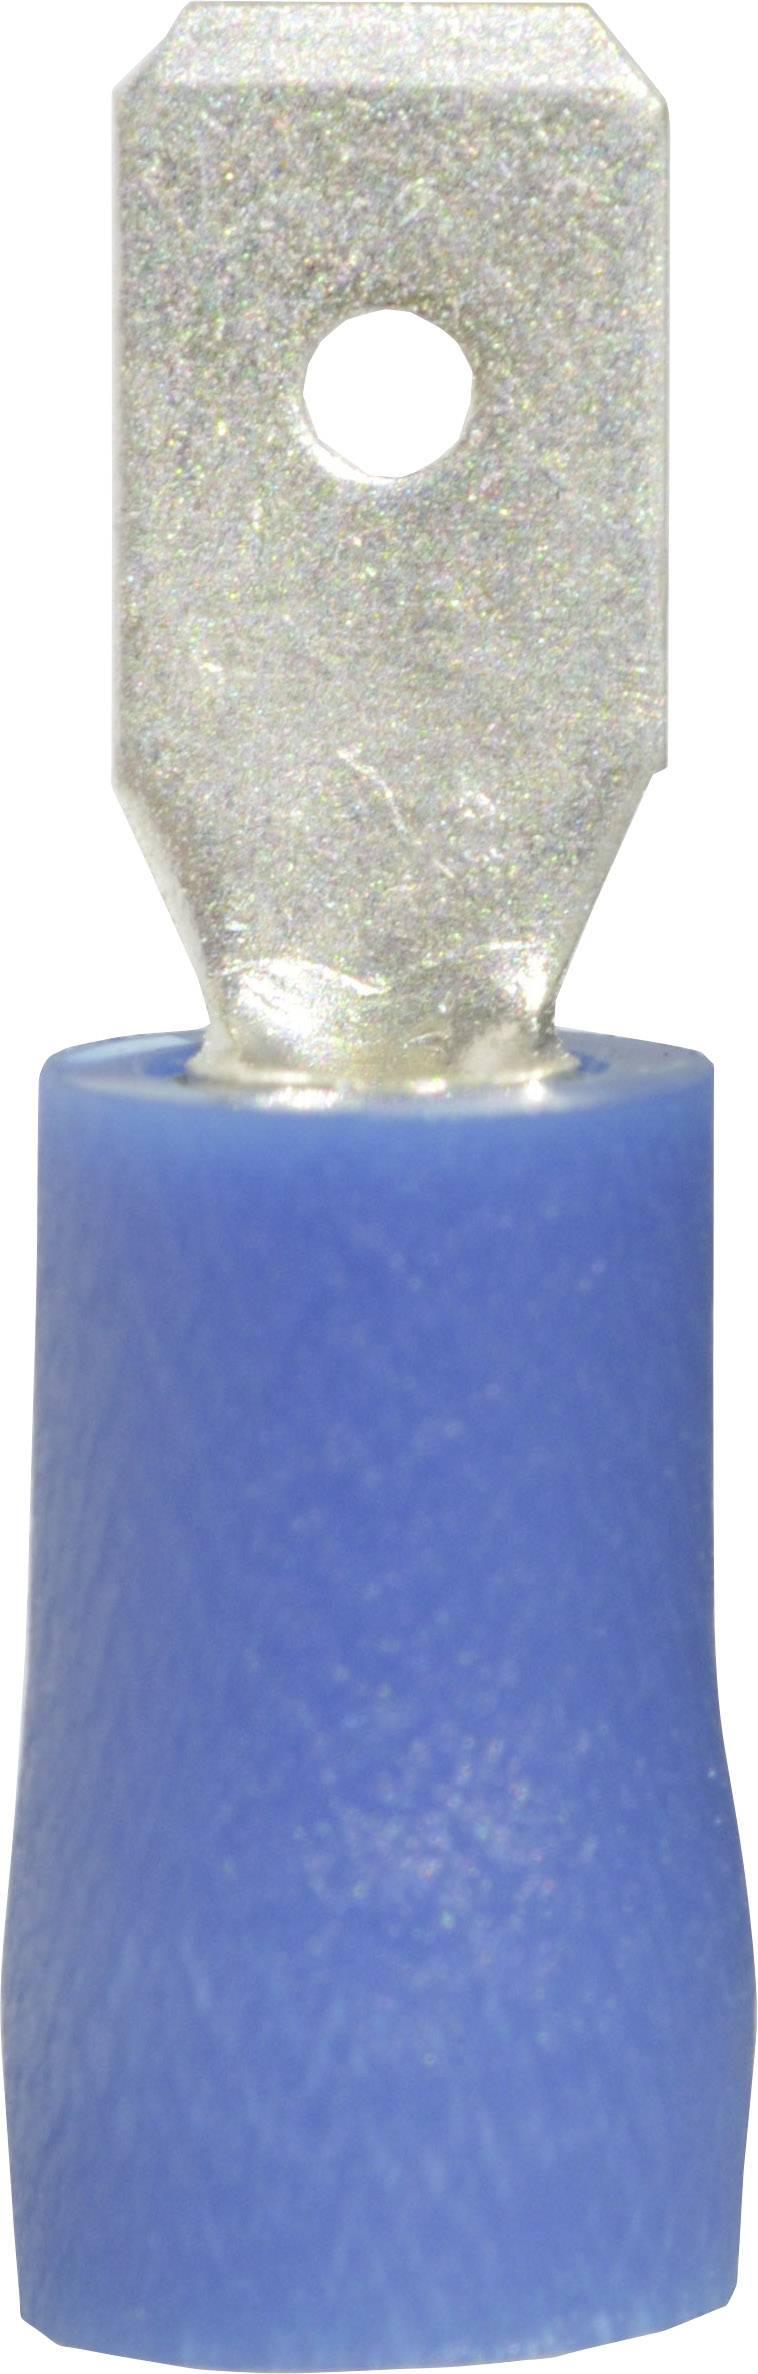 Faston konektor zástrčka Vogt Verbindungstechnik 393405S 4.8 mm x 0.8 mm, 180 °, čiastočne izolované, modrá, 1 ks